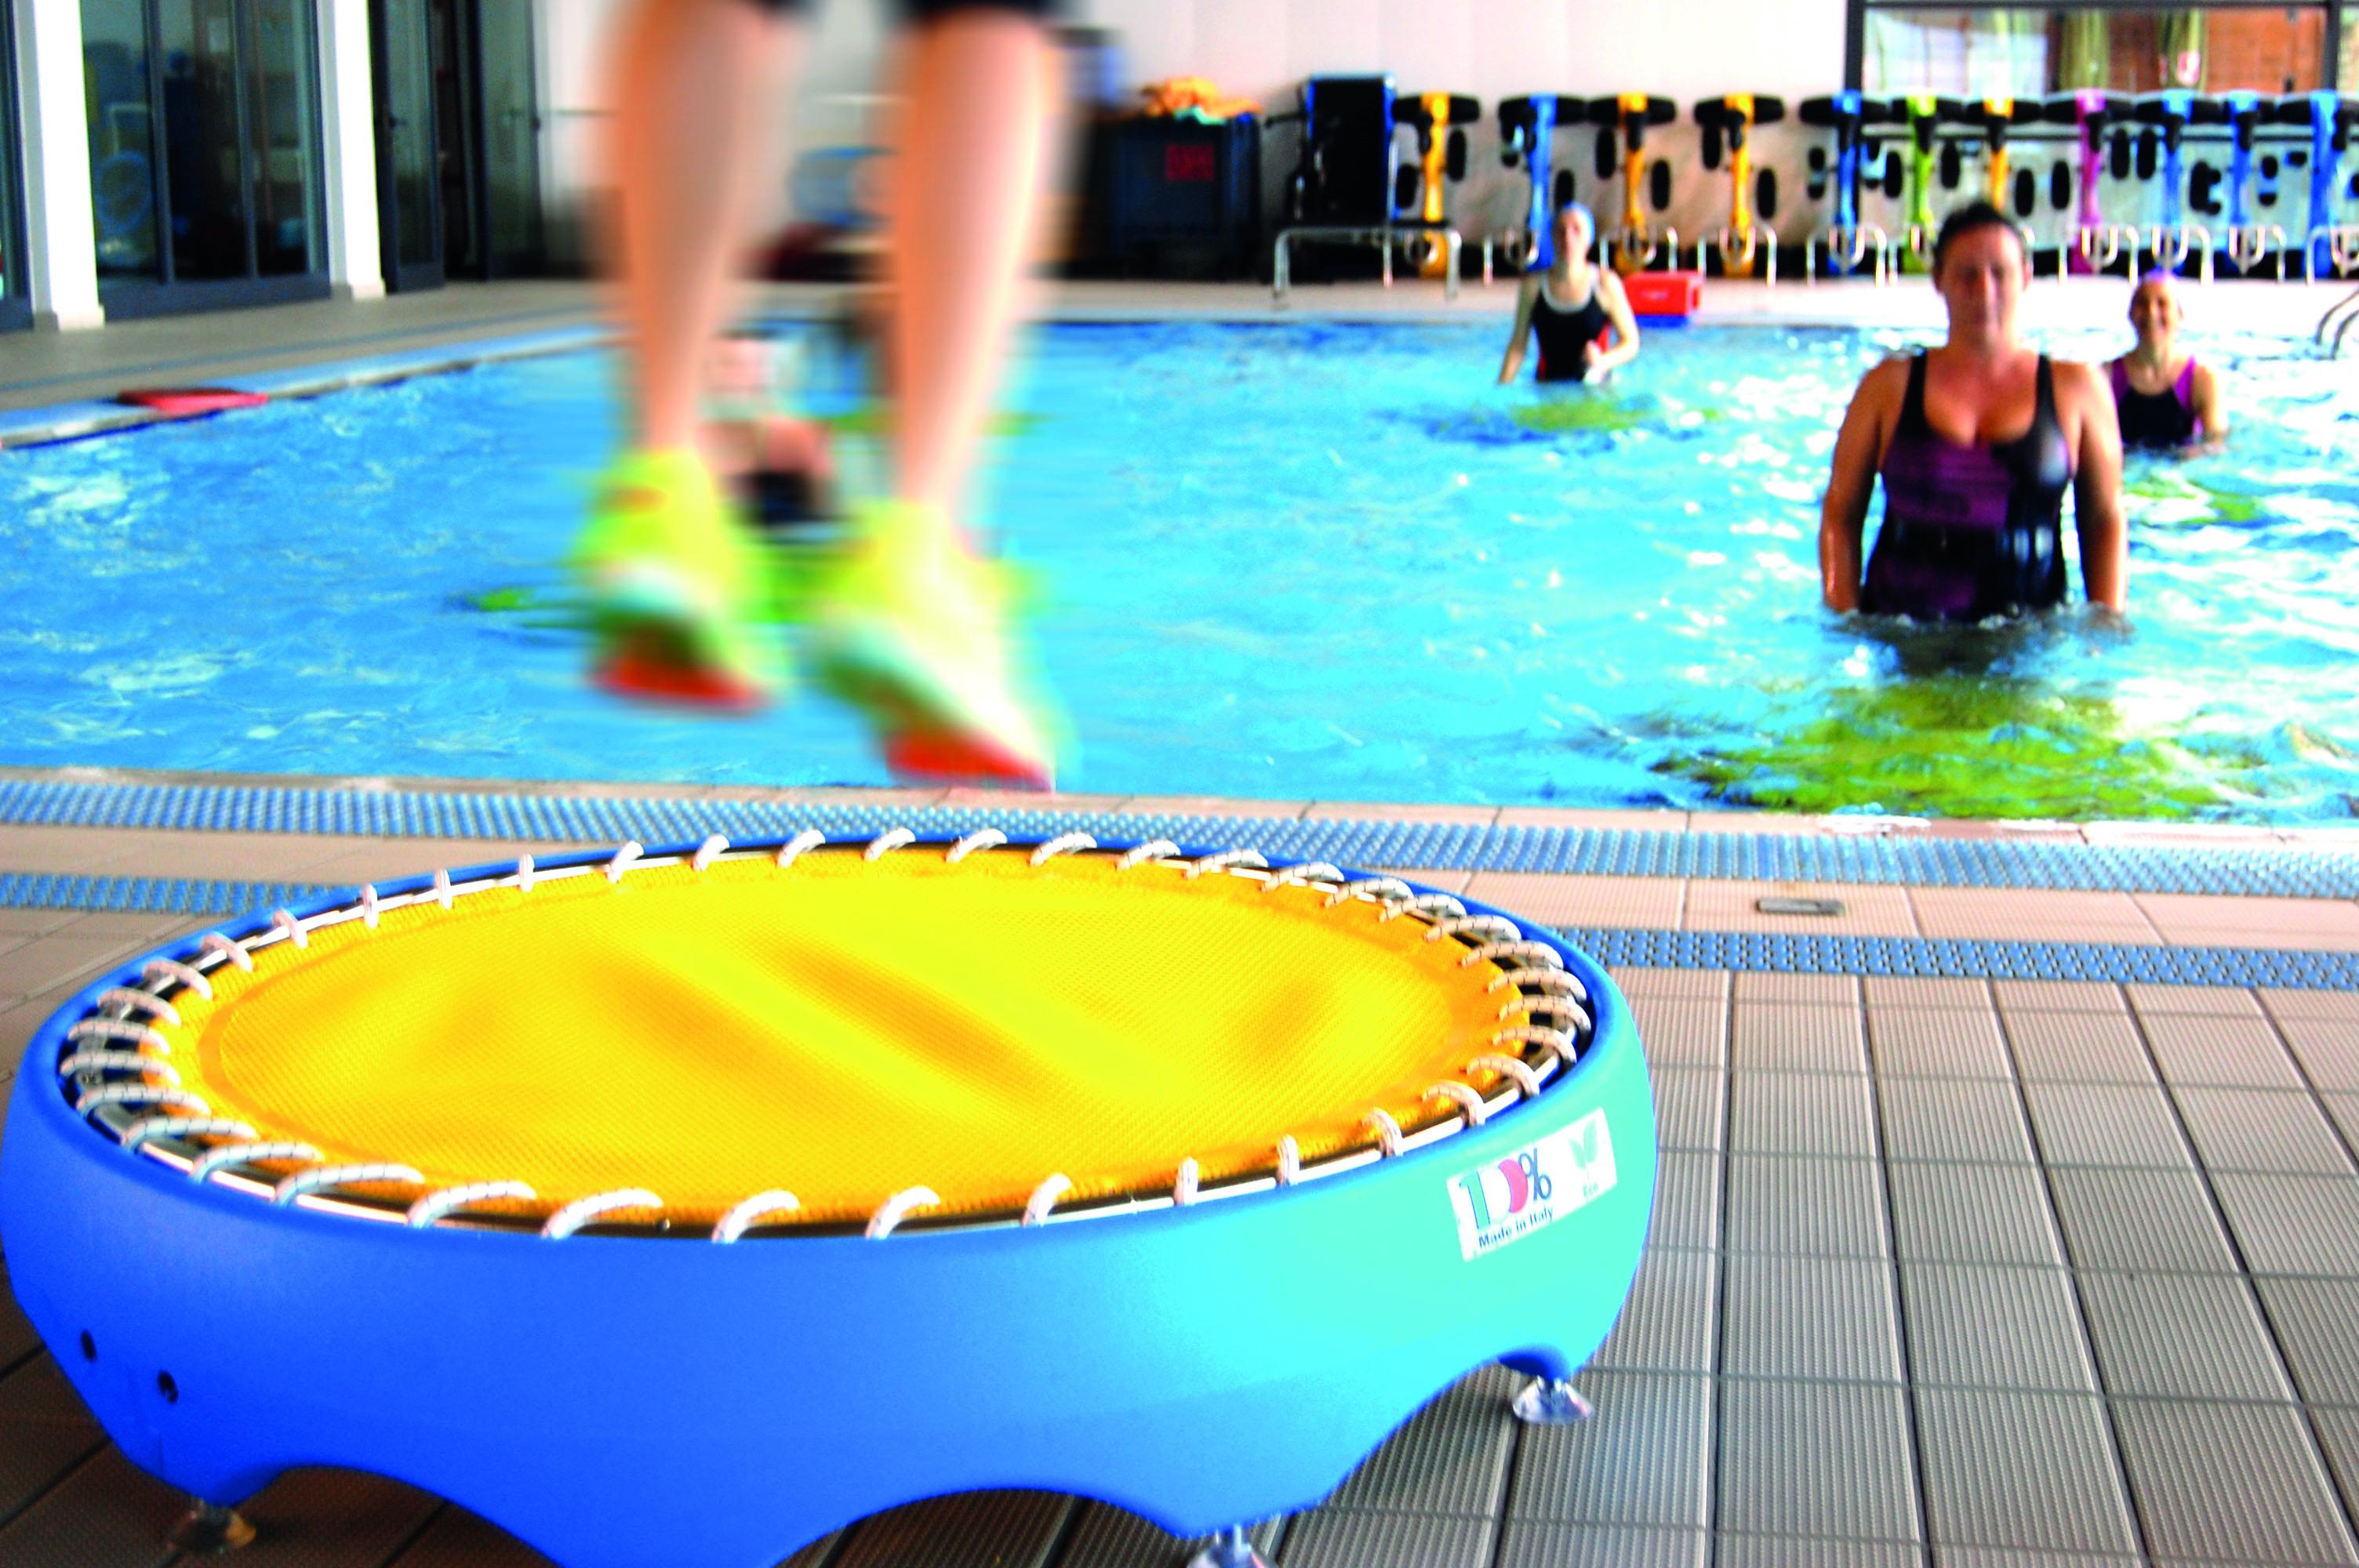 Idroterapia, un'azienda leader per l'attrezzatura da piscina